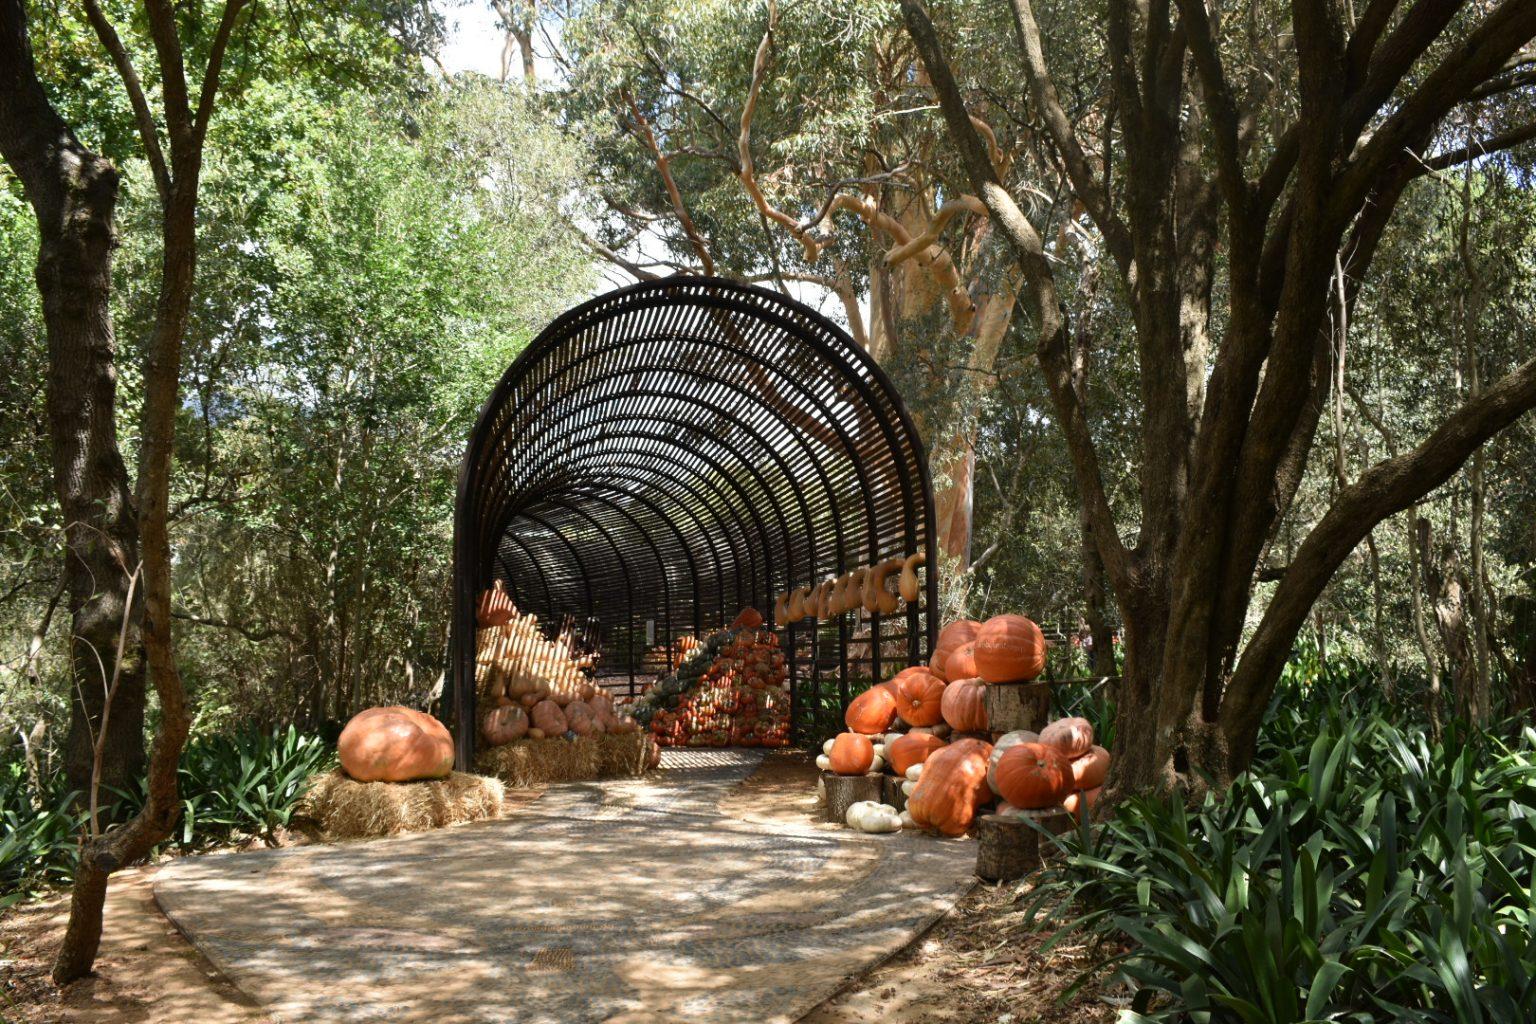 puff-adder-tunnel-babylonstoren-wine-farm-visit